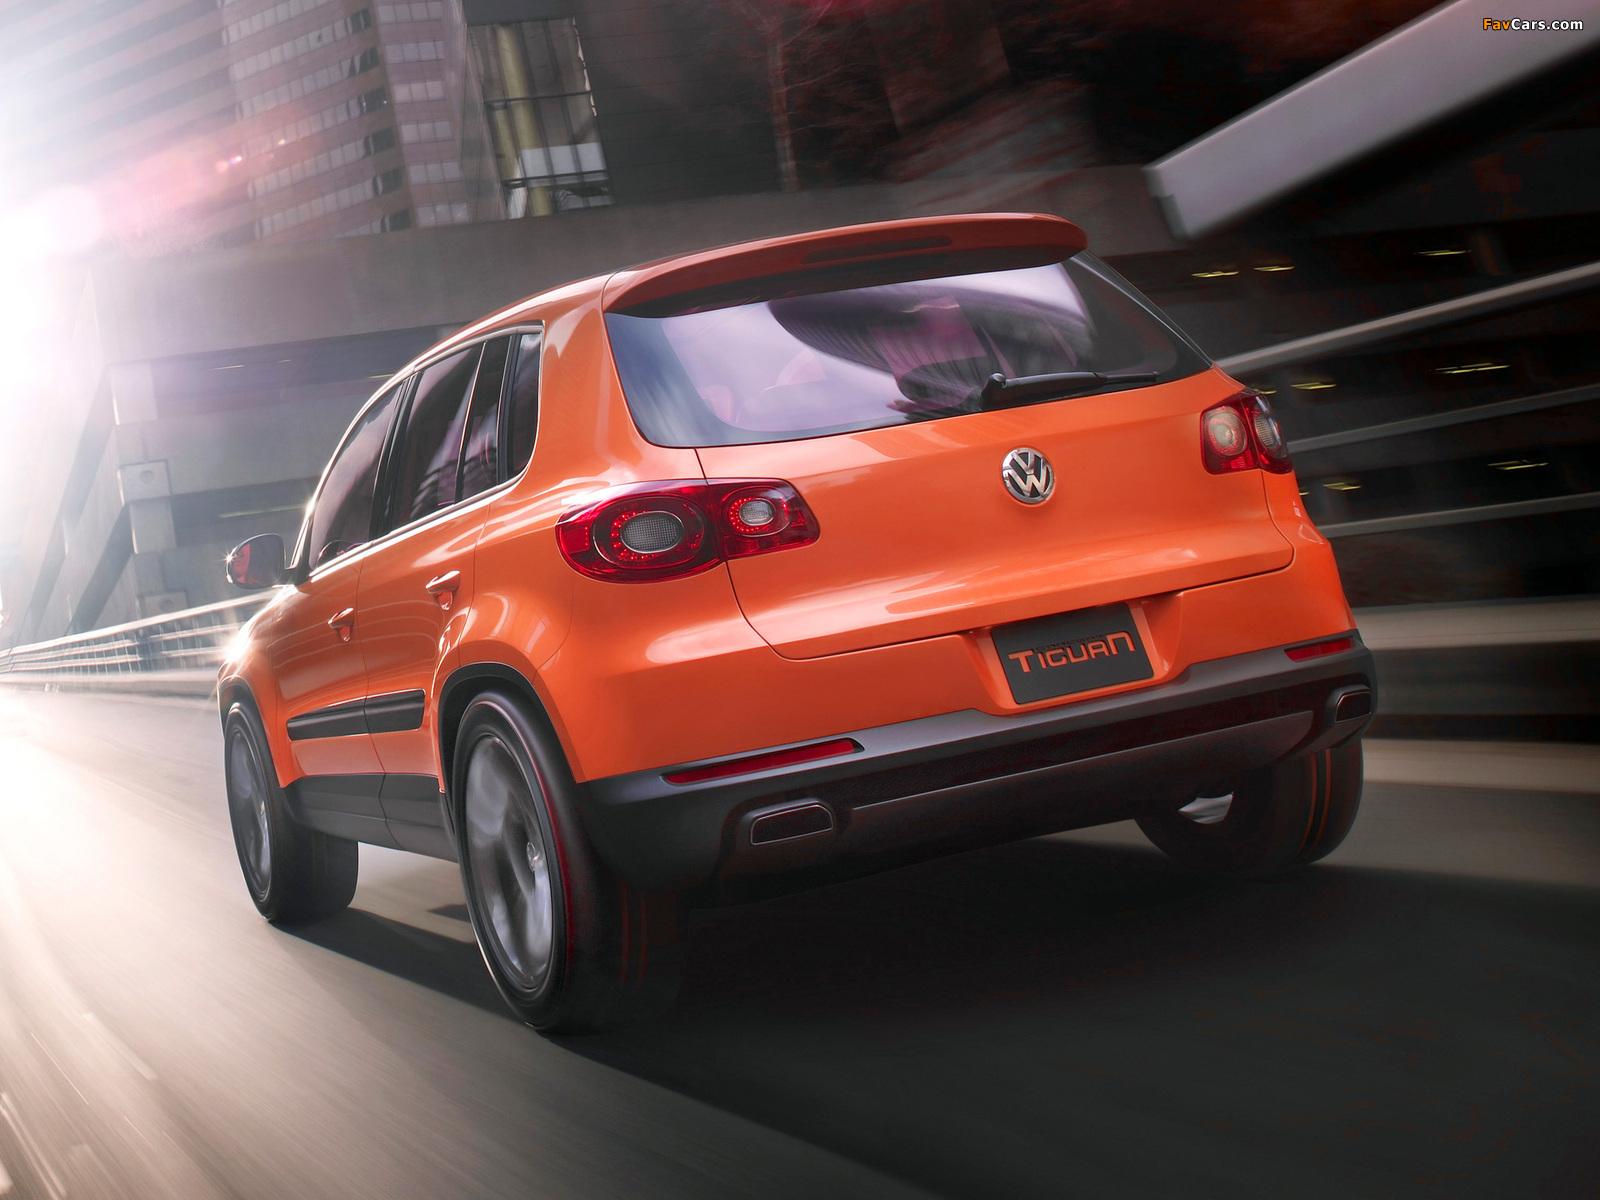 Volkswagen Tiguan Concept 2006 pictures (1600 x 1200)